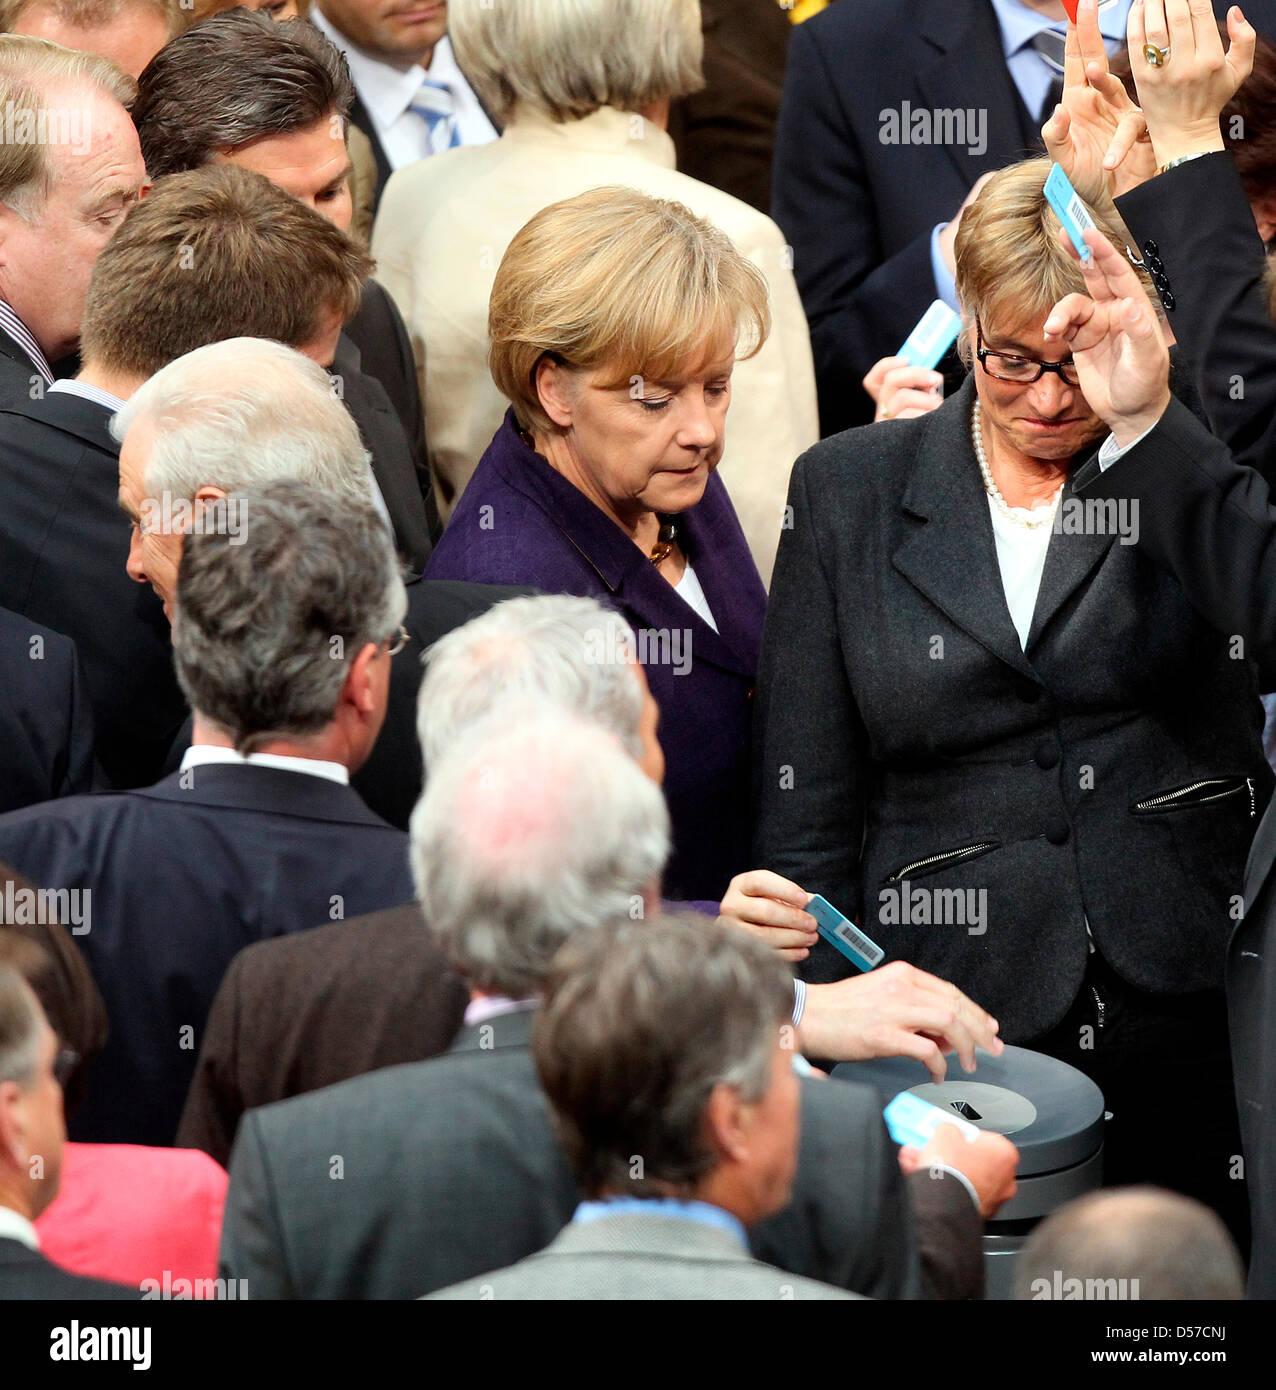 La chancelière allemande Angela Merkel (C-retour) jette son vote à une acclamation du Bundestag allemand Photo Stock